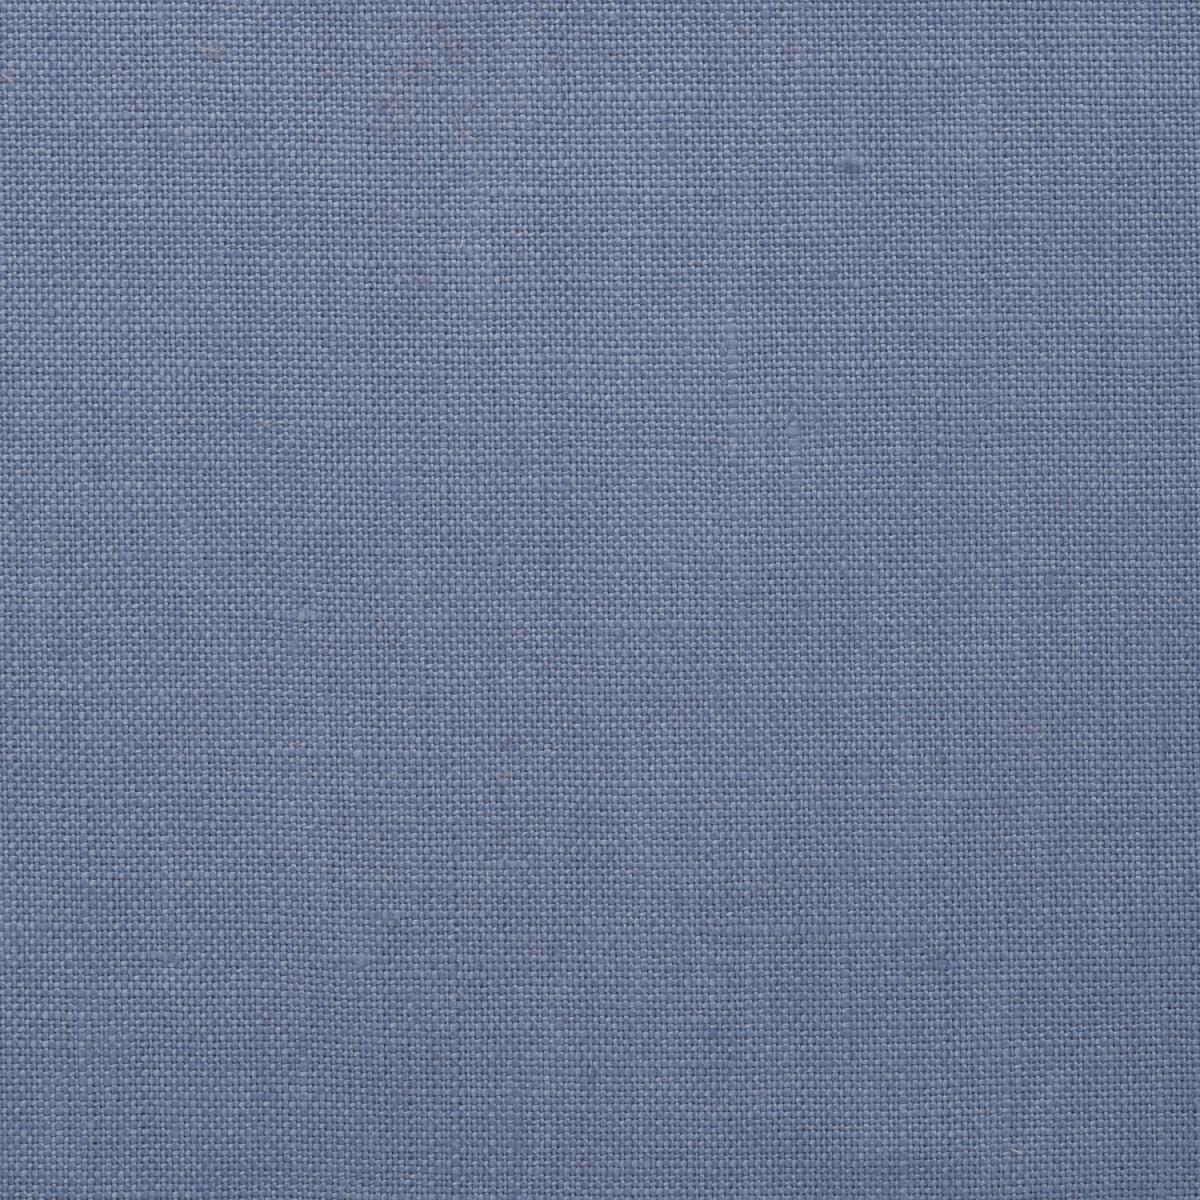 Linen Wallpaper Bernard Thorp Fabric And Wallpaper